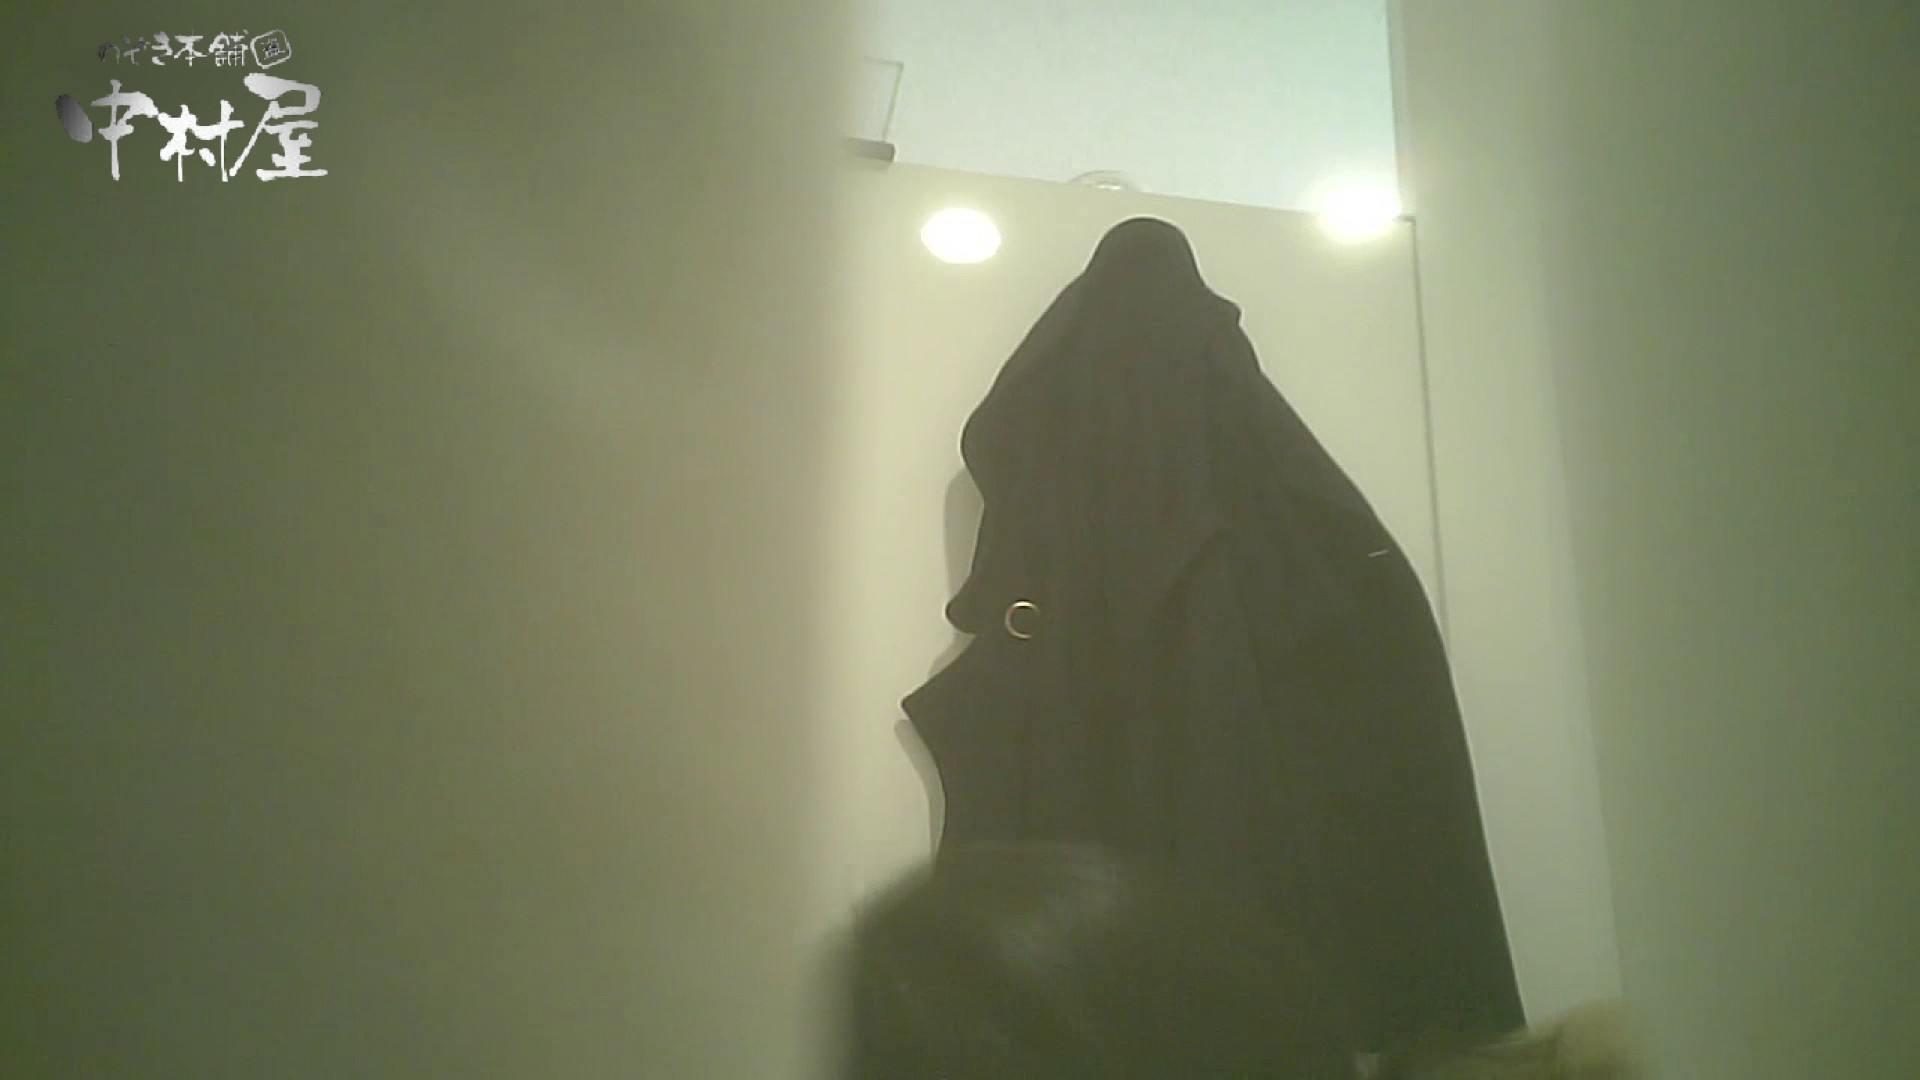 有名大学女性洗面所 vol.54 設置撮影最高峰!! 3視点でじっくり観察 和式 | 投稿  99連発 16